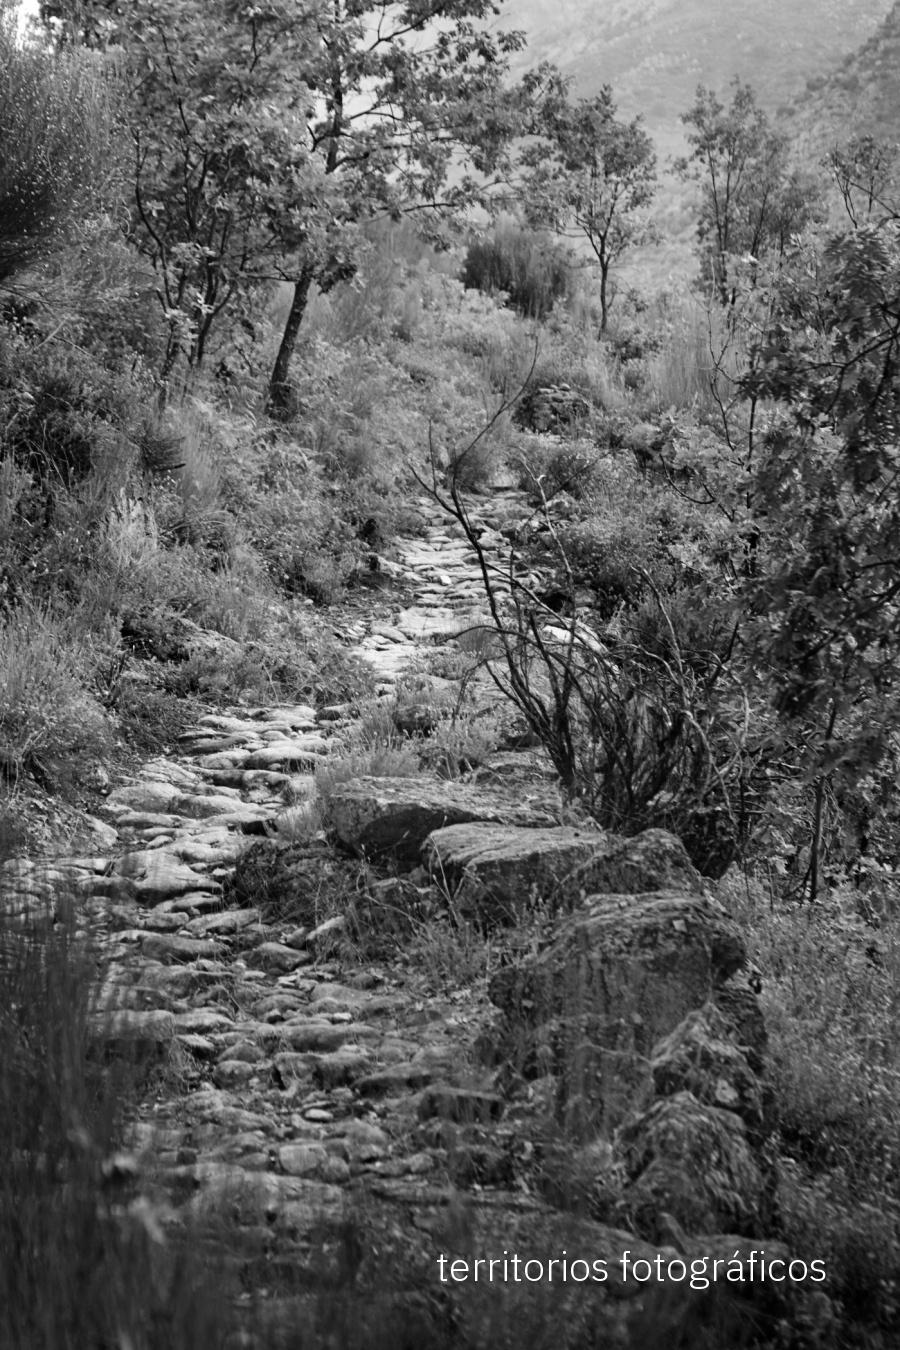 la Vera en blanco y negro - territorios fotográficos